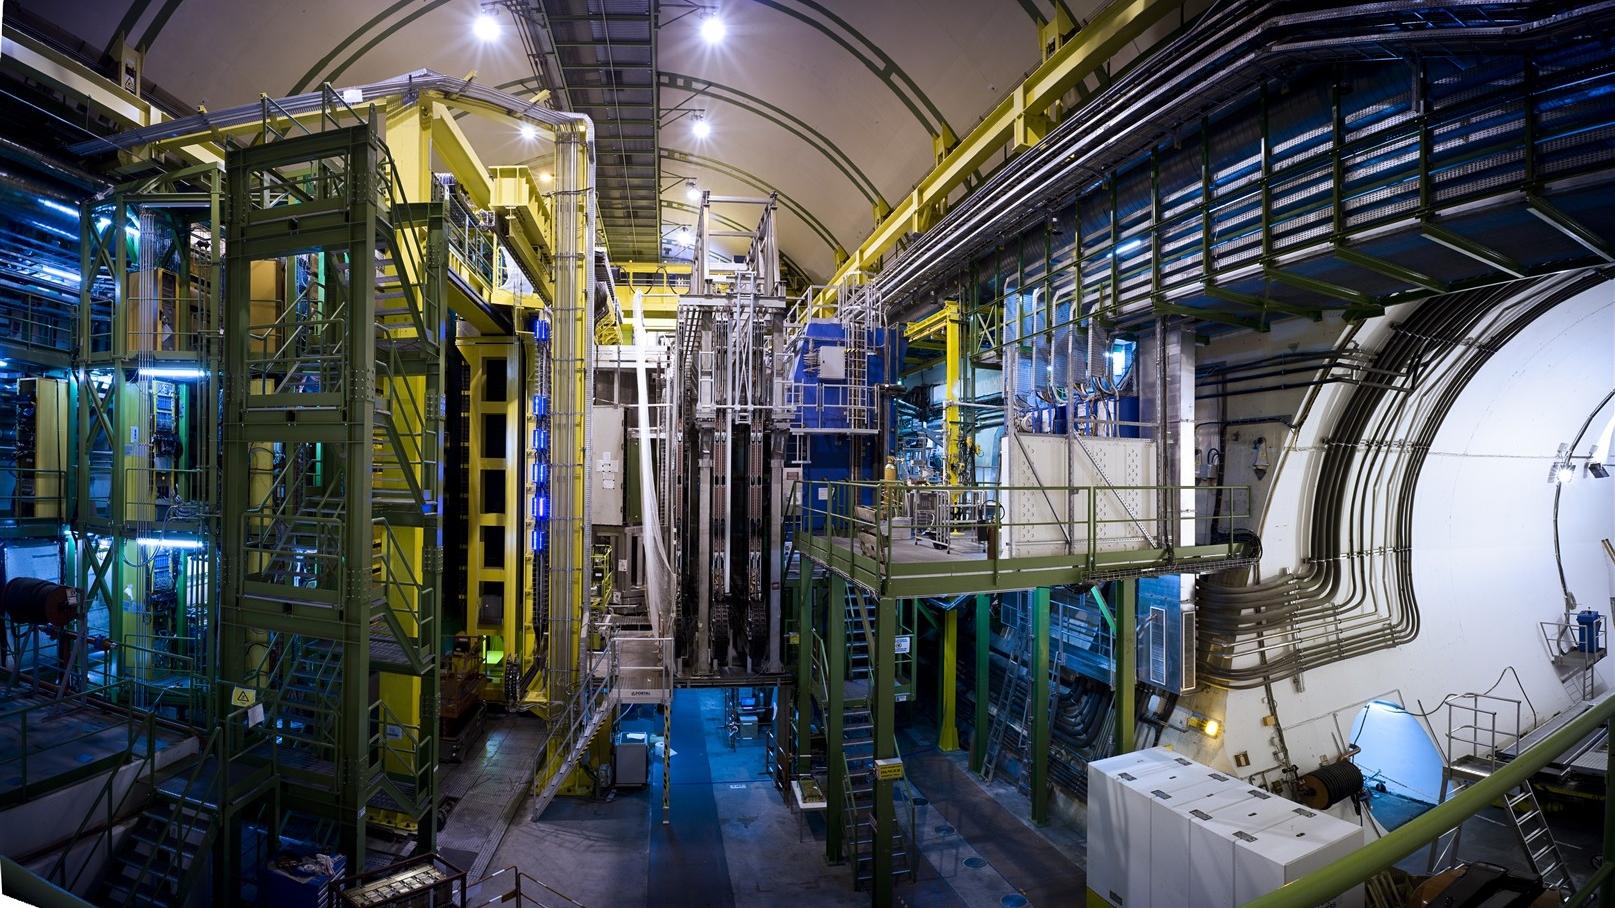 Image  © CERN 2009-2015,   CERN-EX-0905070, source:   https://cds.cern.ch/record/1178706